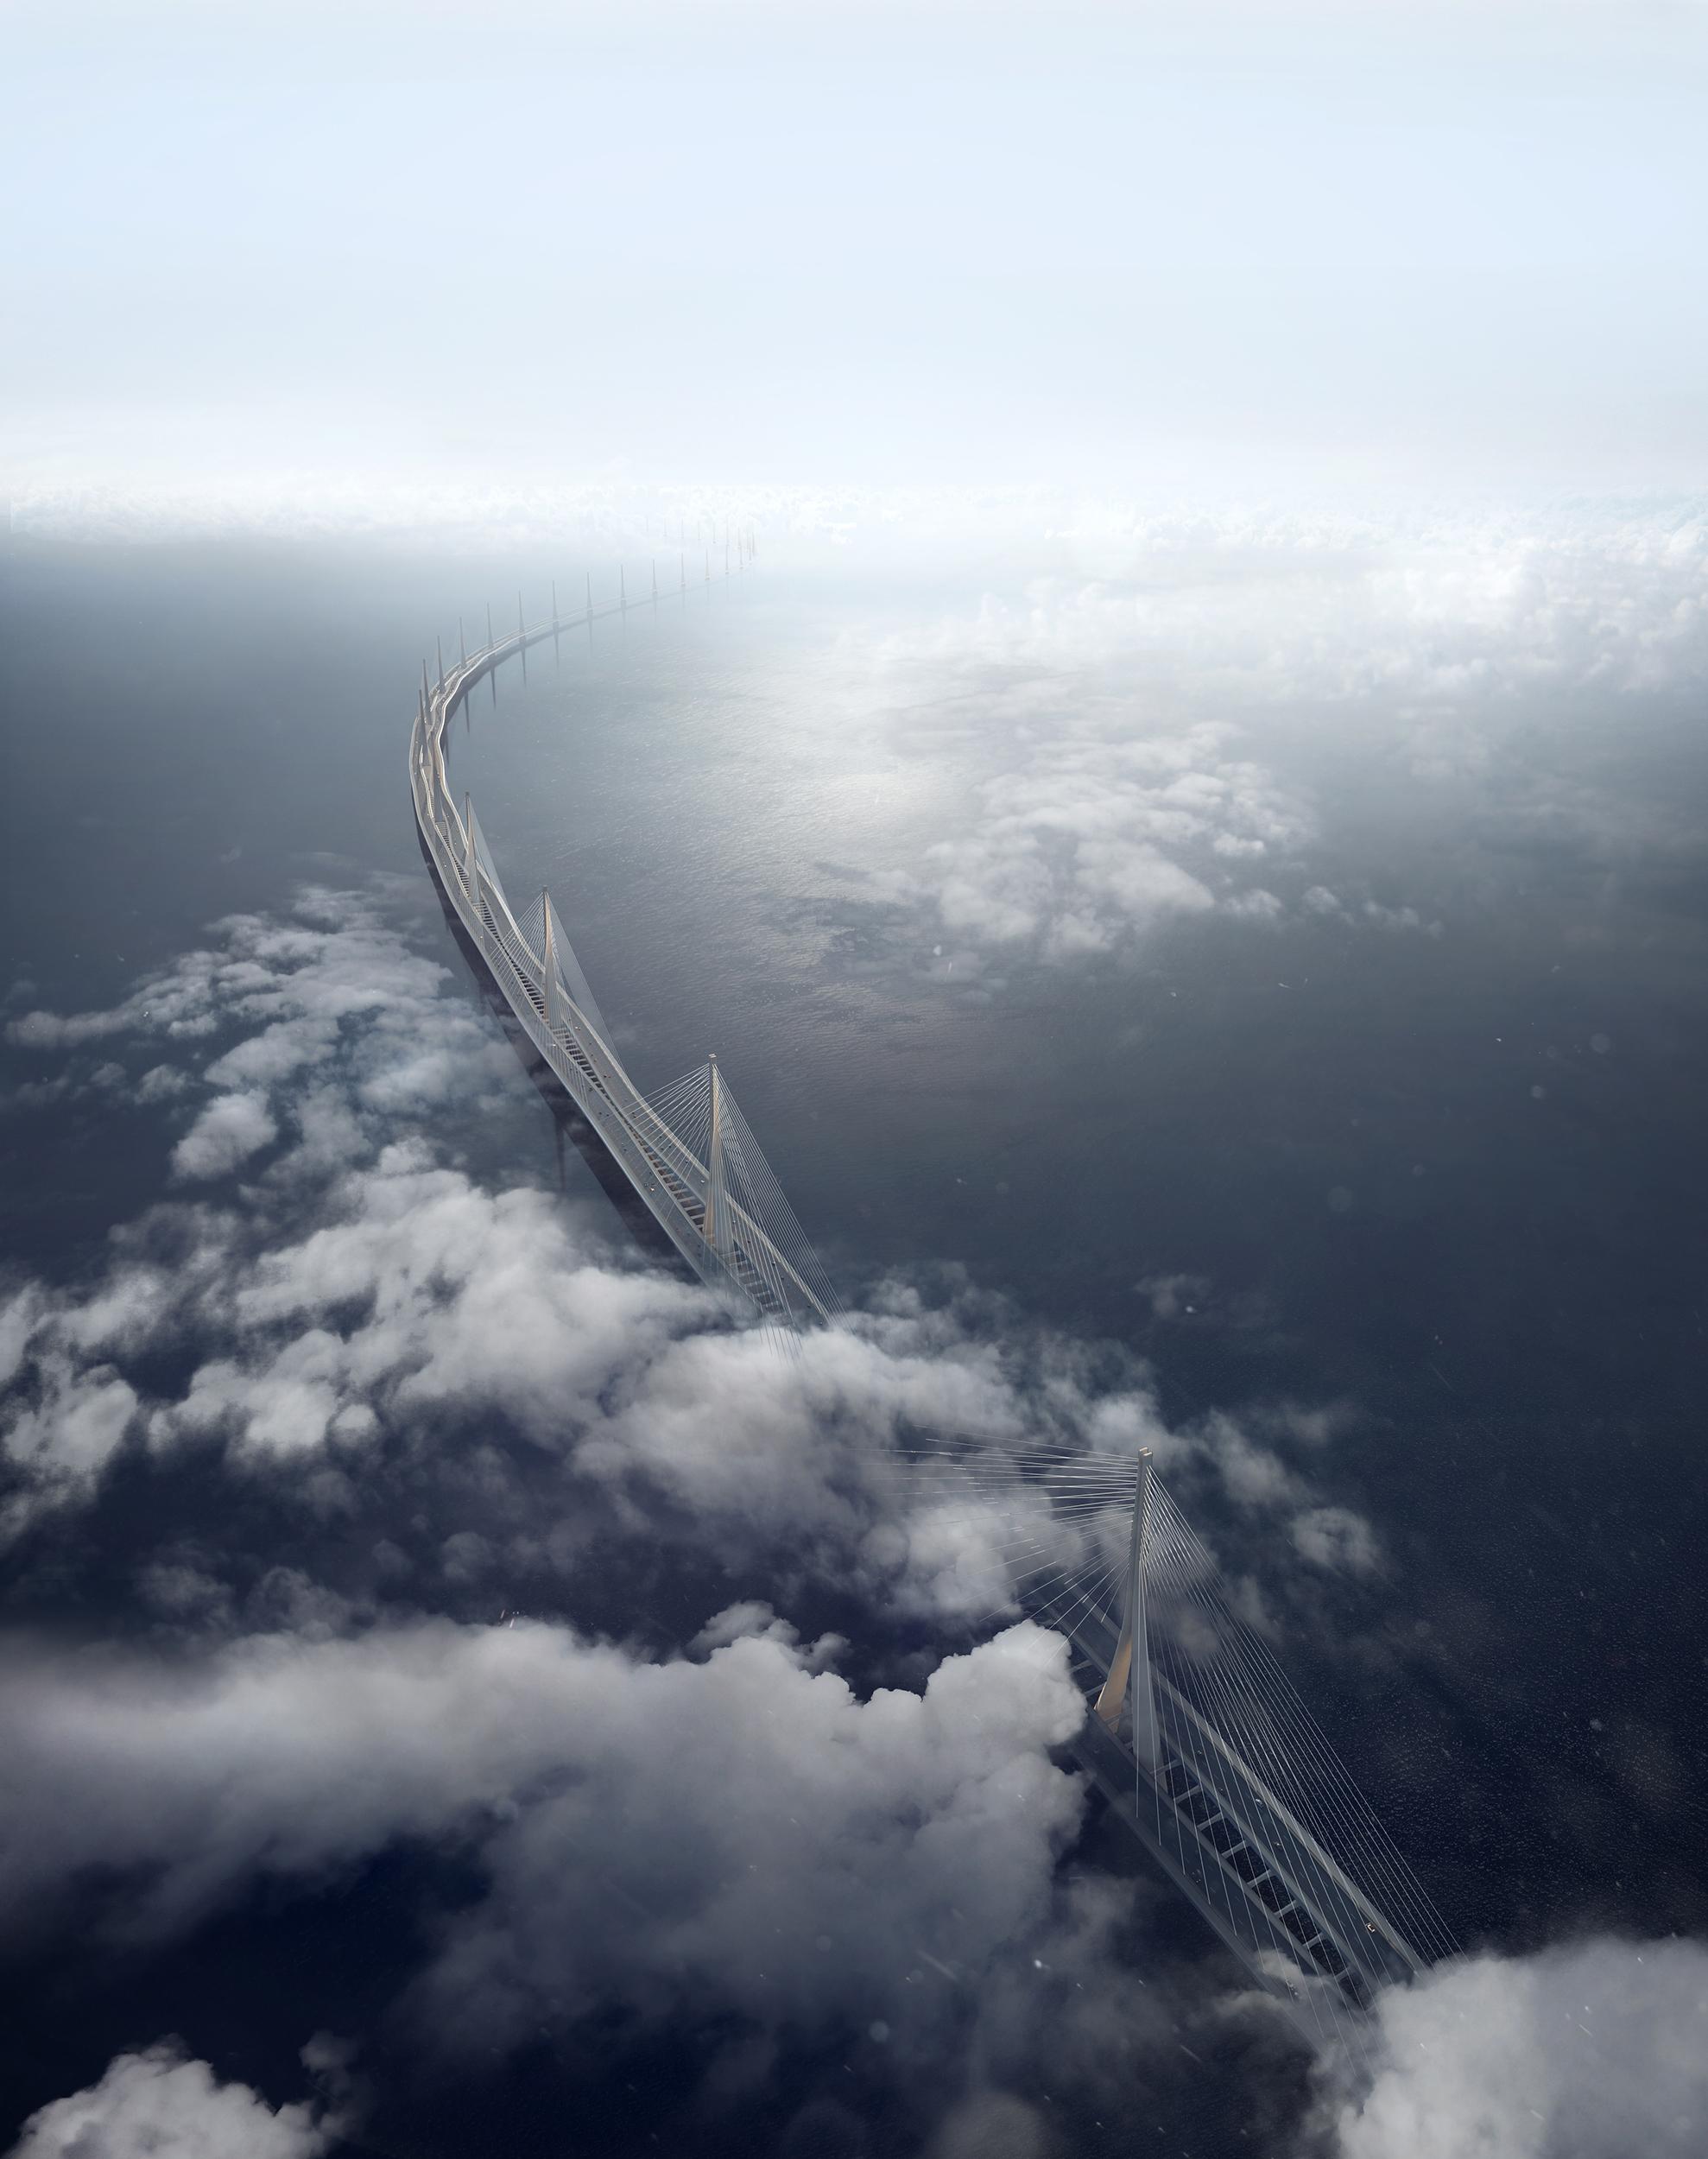 The bridge UAE